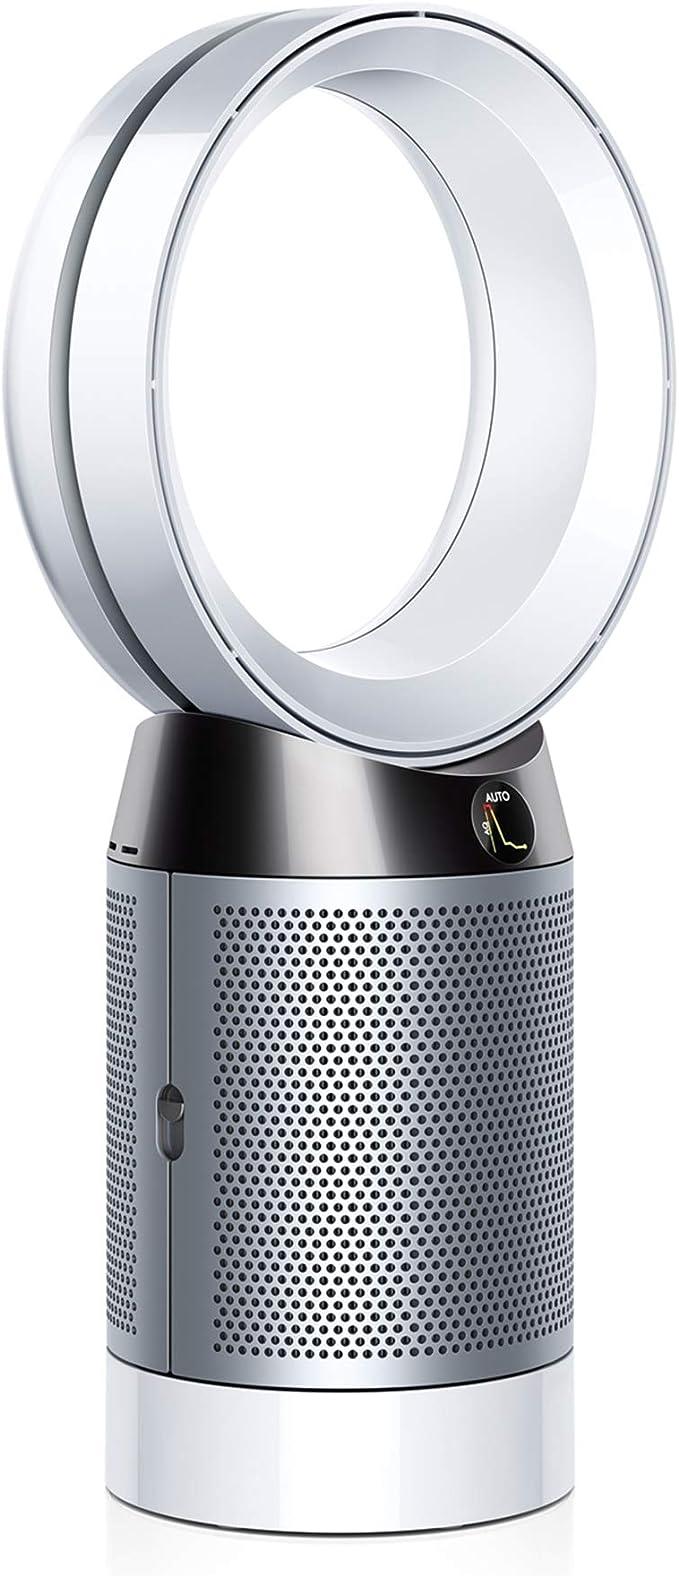 Dyson 310156-01 Pure Cool 42.3dB 40W Plata, Blanco-Purificador de Aire, 0 W, 0.001 V: Amazon.es: Bricolaje y herramientas